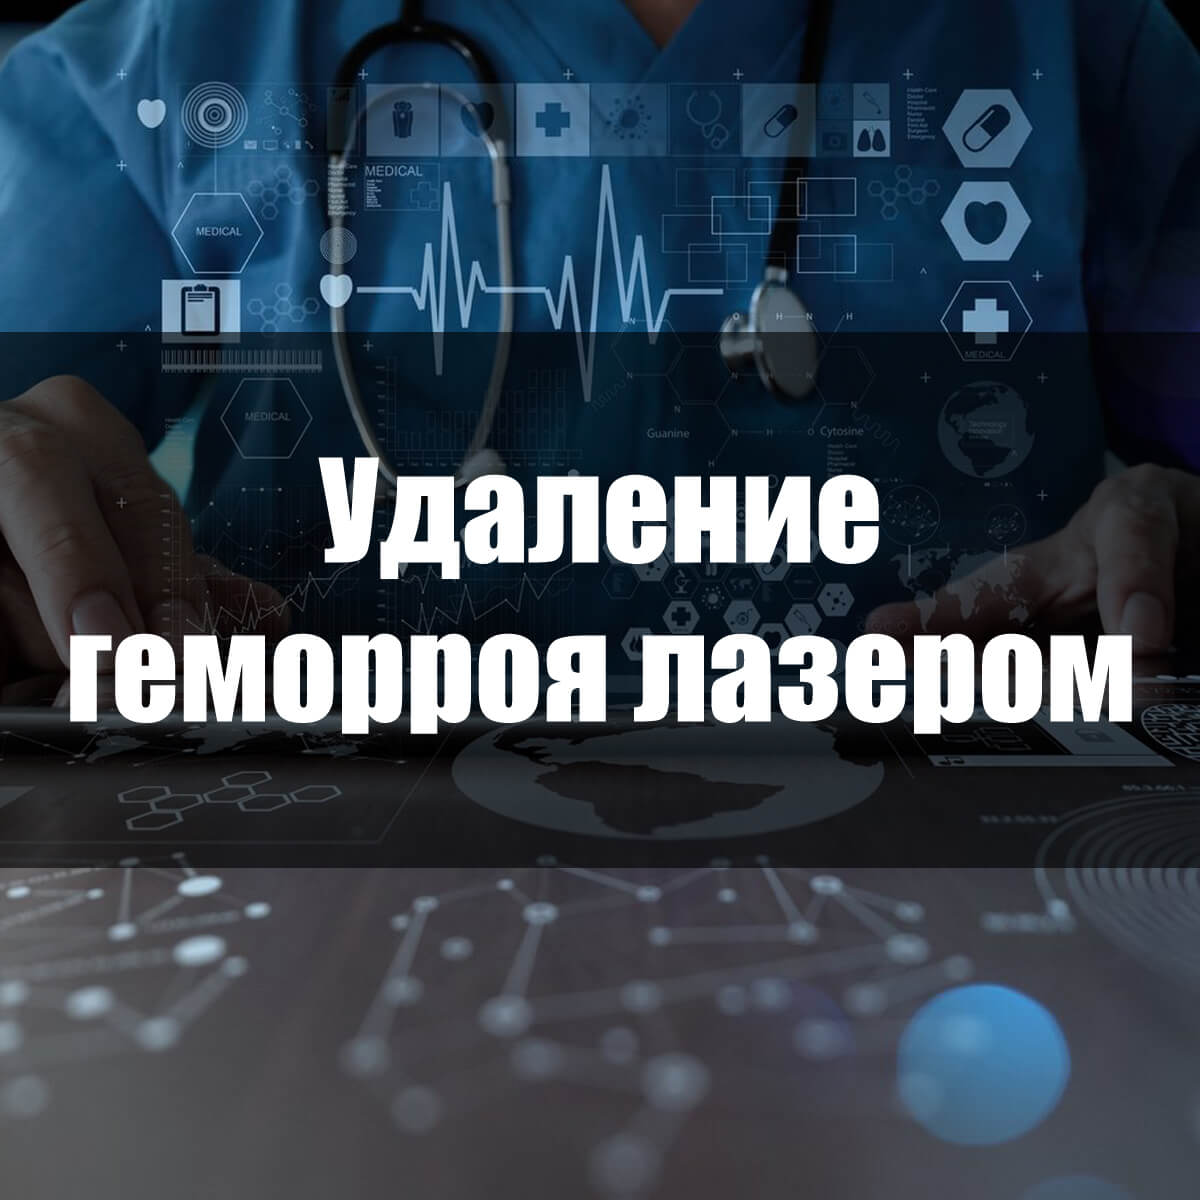 Геморрой: операция по удалению геморроя у мужчин и женщин, признаки и симптомы геморроя, лазерное удаление геморроя